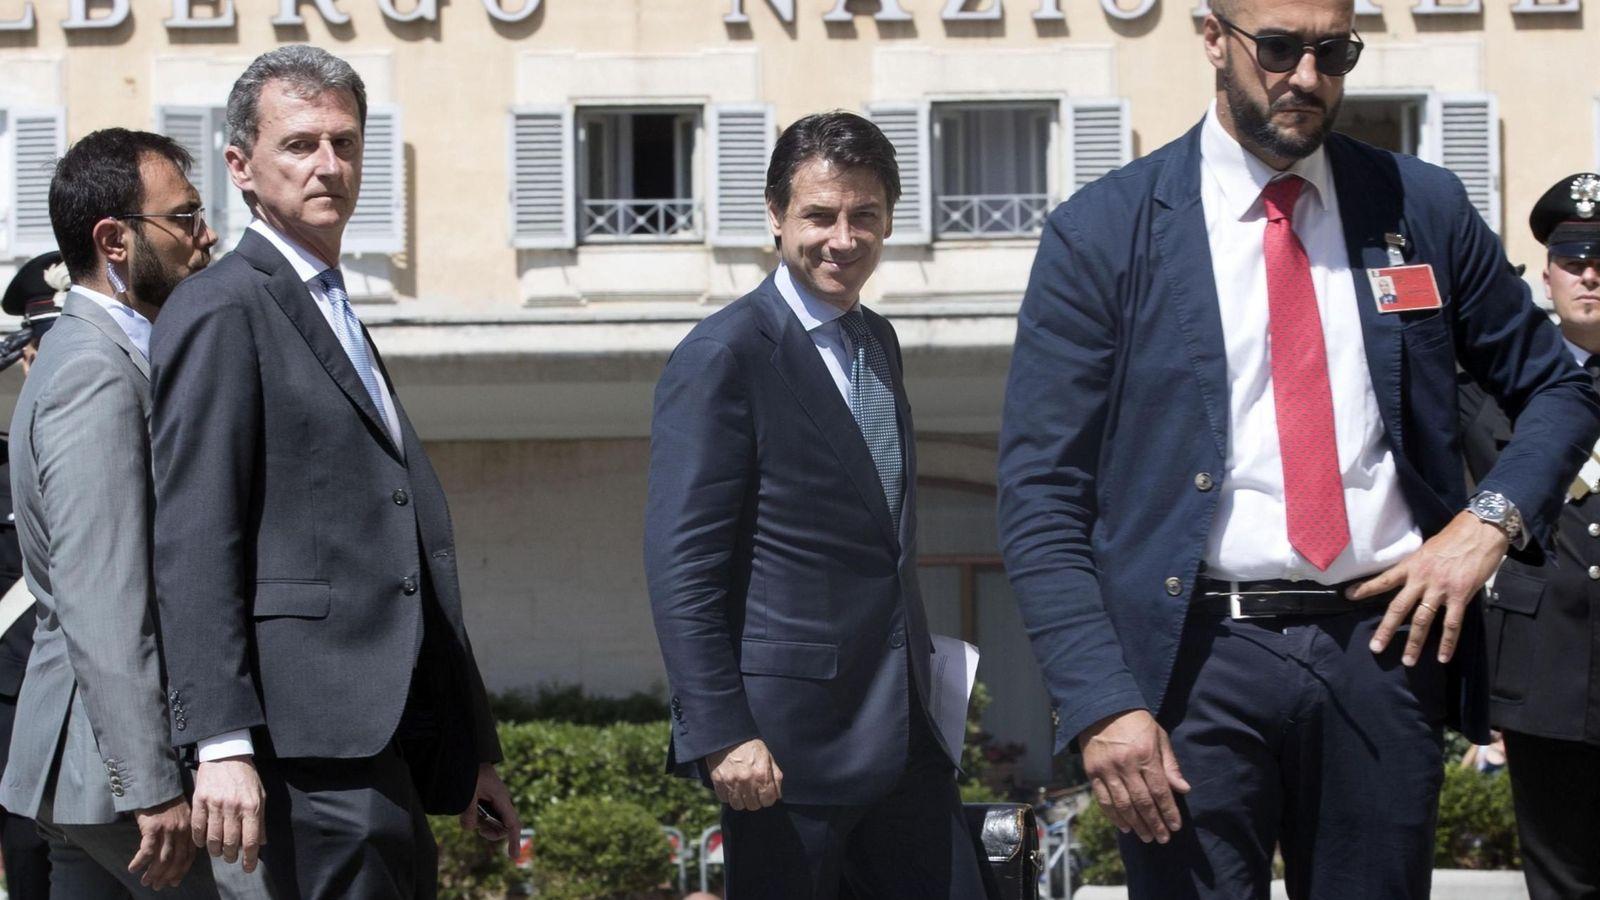 Foto: El designado primer ministro italiano Giuseppe Conte (c) sonríe mientras se dirige a mantener una reunión con el presidente del Parlamento, Roberto Fico, en Roma. (EFE)